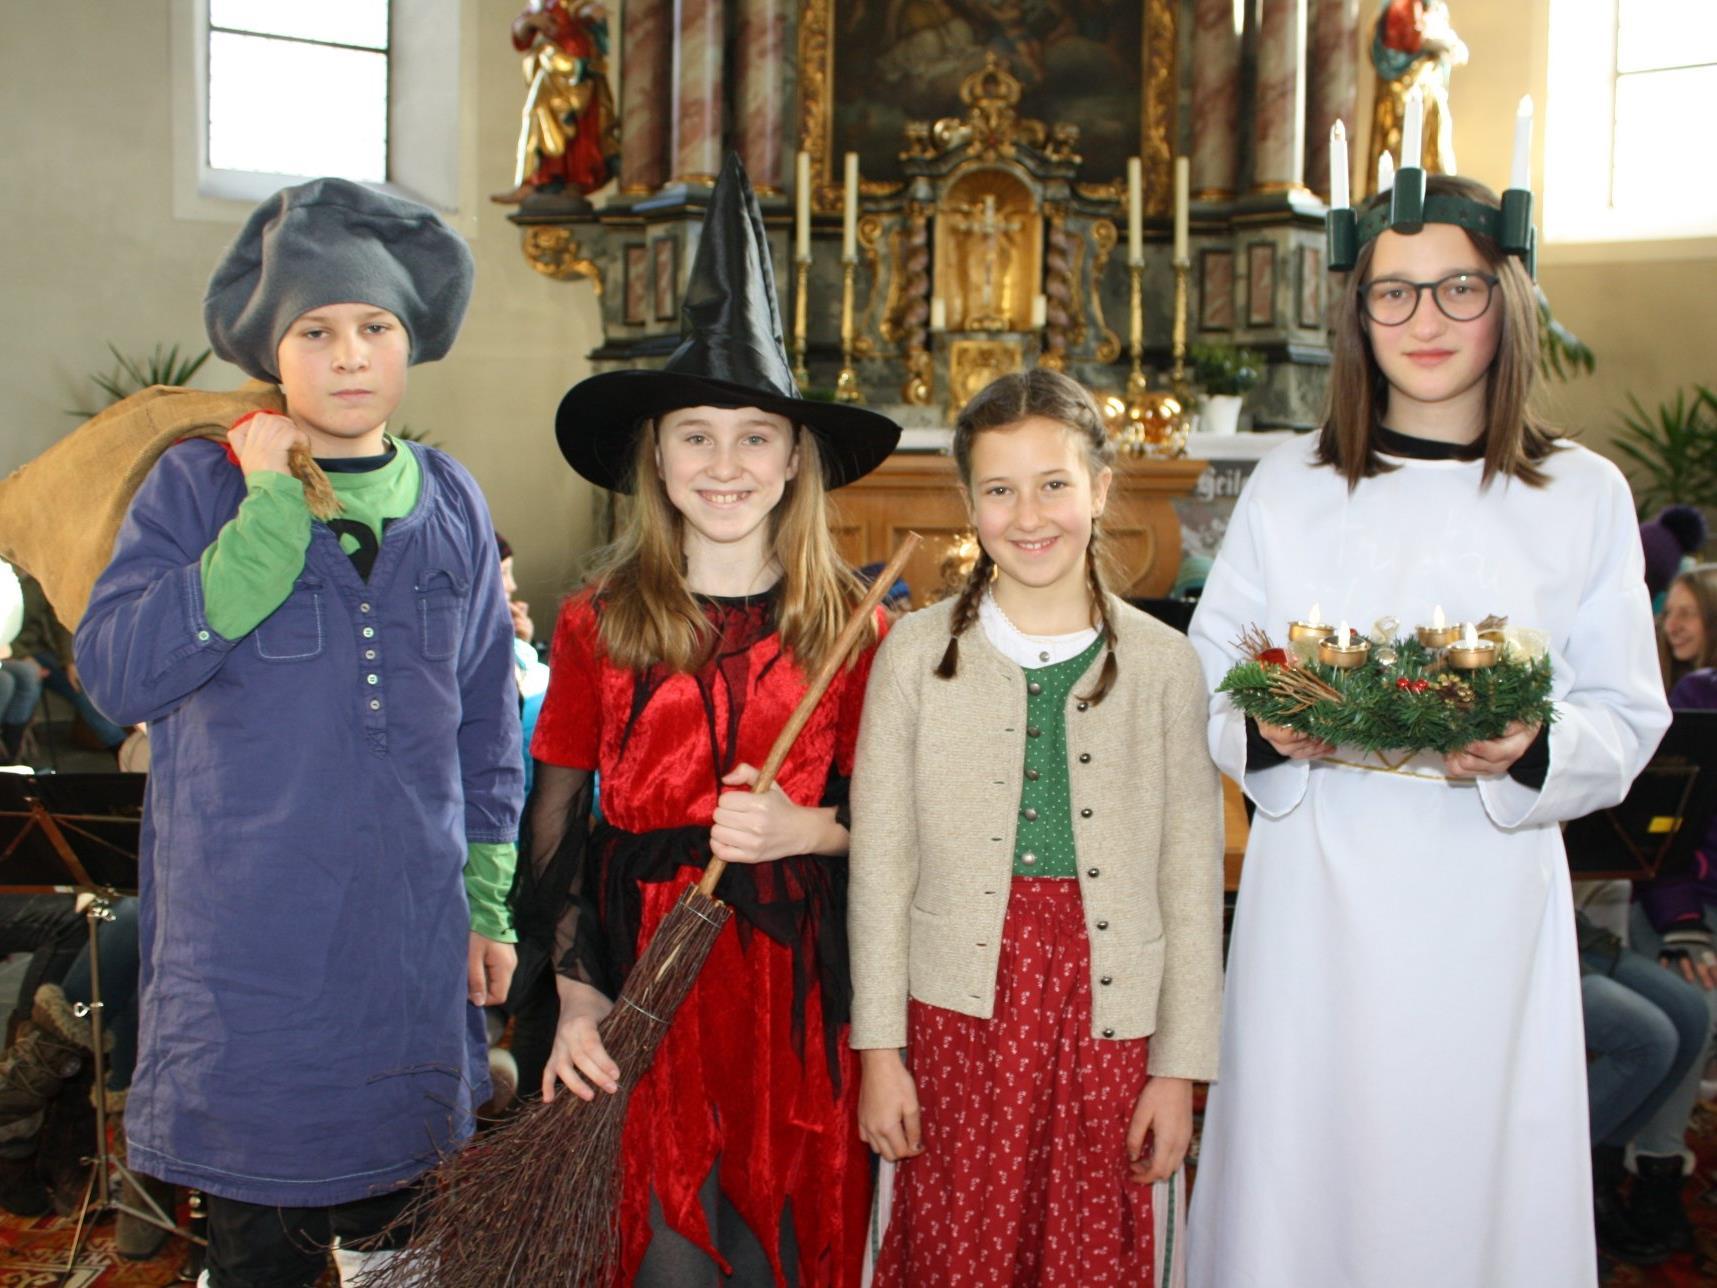 Befana, Santa Lucia und Olentzero erzählten dem Kind von Weihnachtsbräuchen in anderen Ländern.